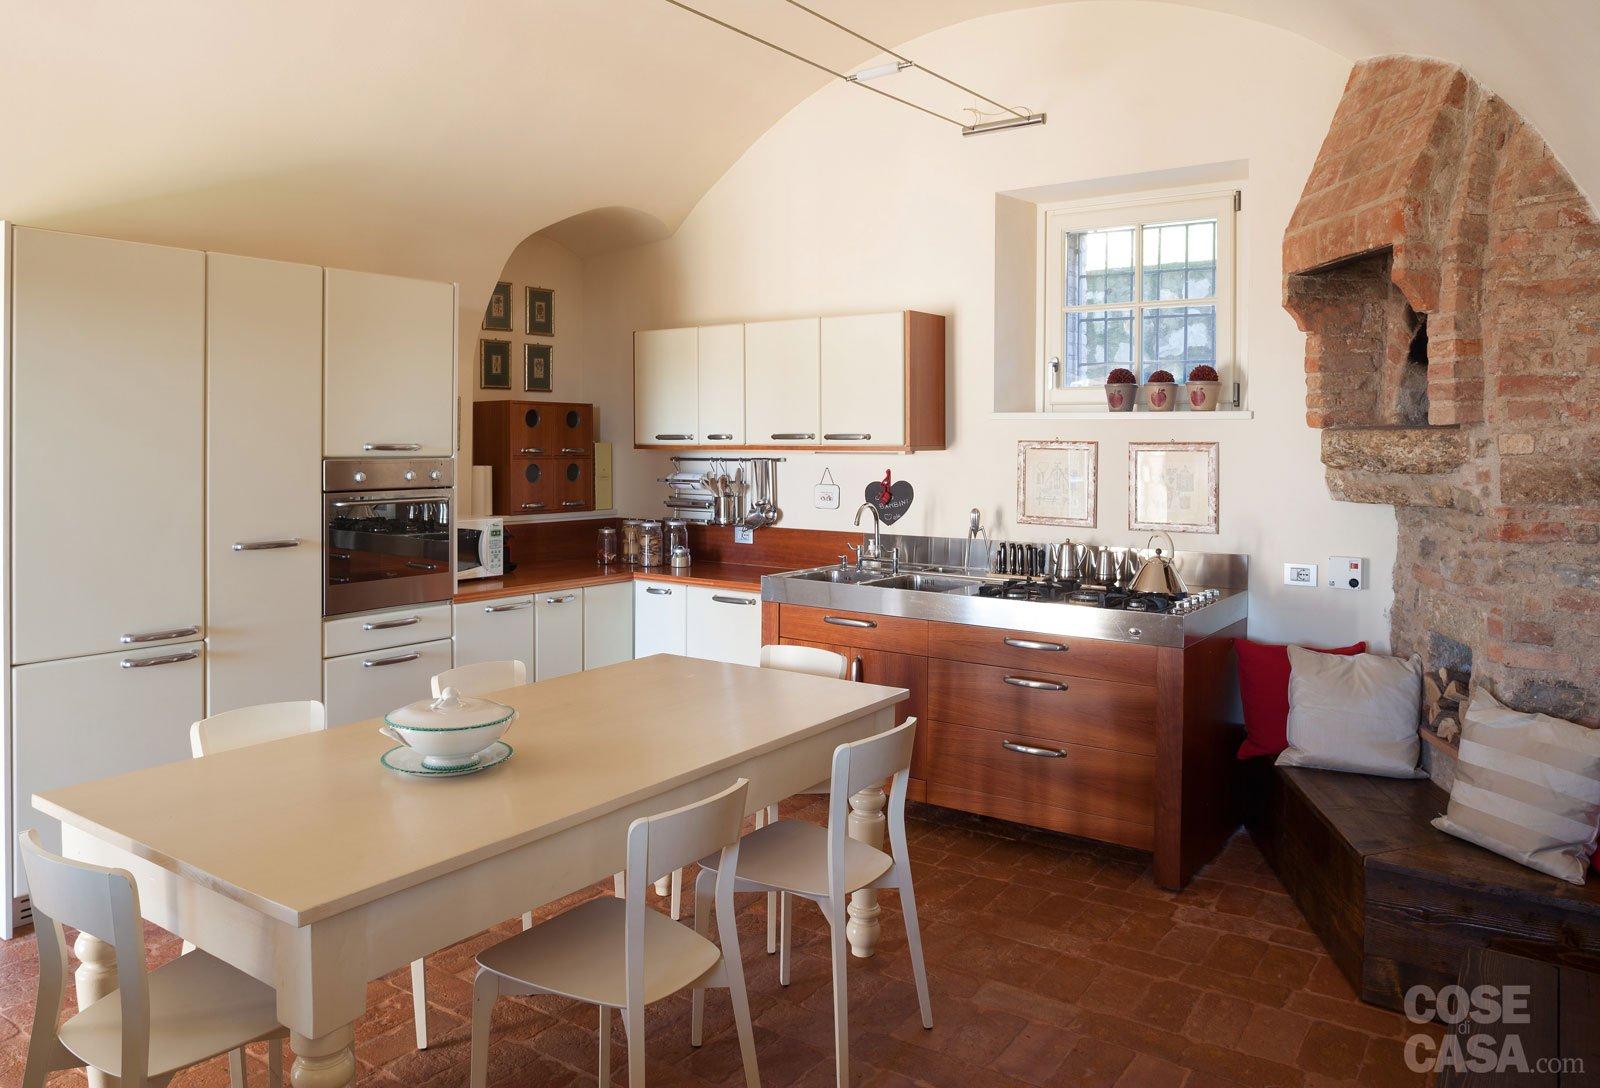 Una casa con ambienti moderni a sfondo rustico cose di casa for Disegni di casa italiana moderna